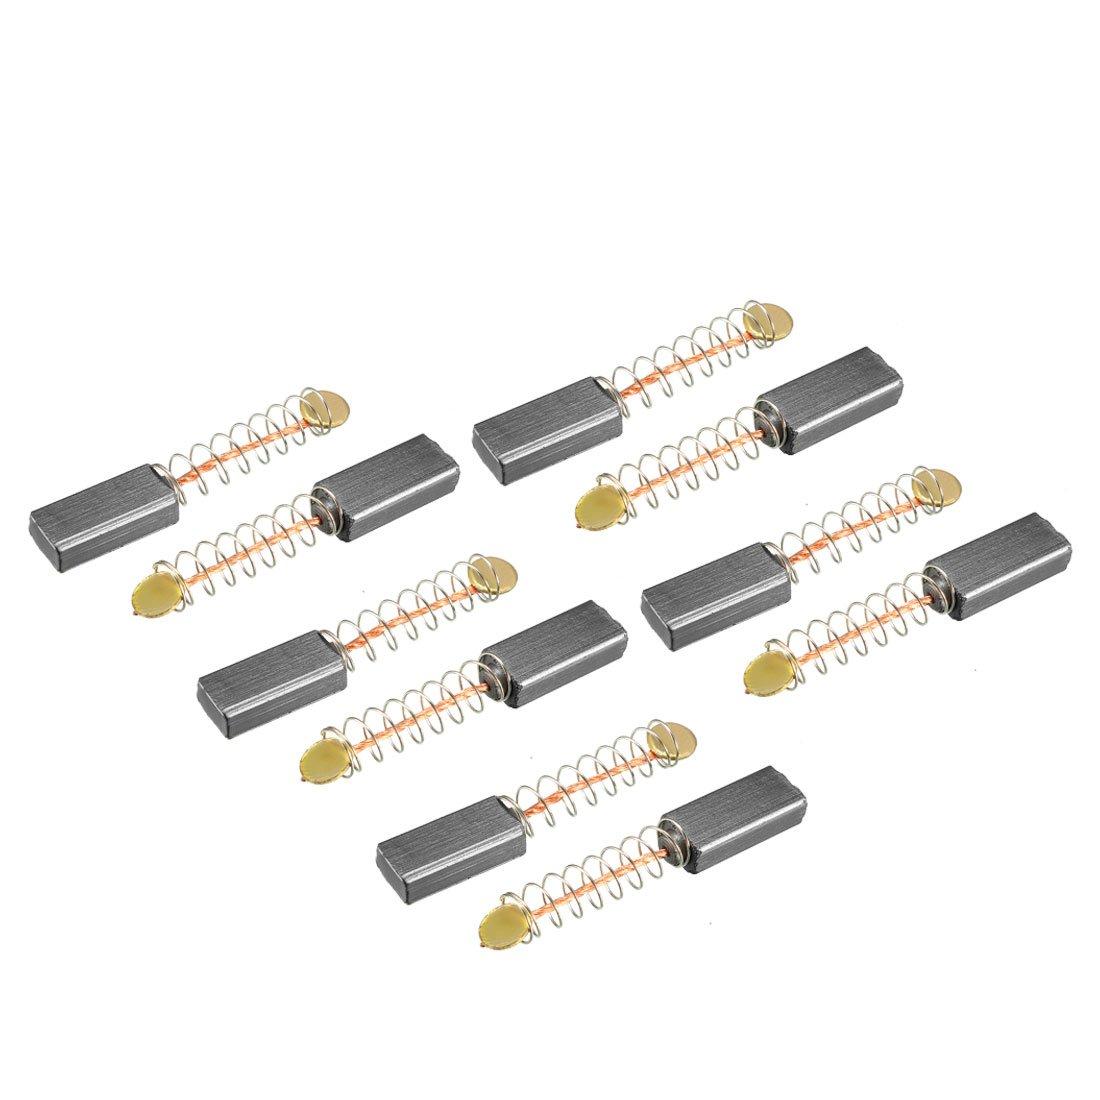 Les balais moteurs pour /électros 20mmx6mmx5mm r/éparation /échange partie Set 2